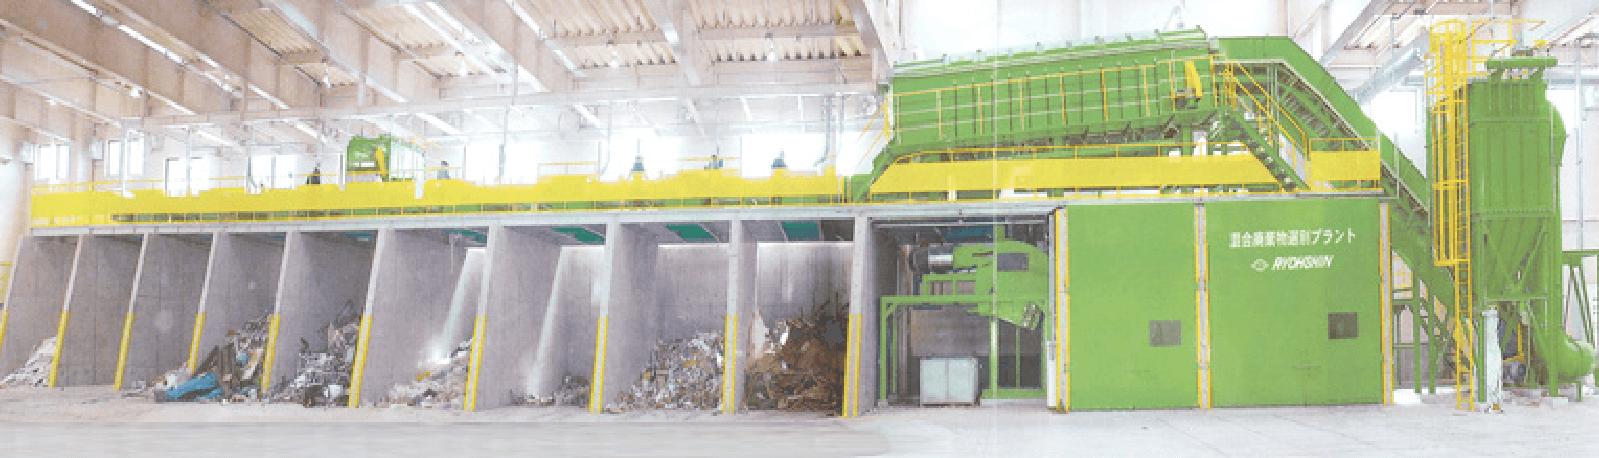 廃棄物別のリサイクルシステム